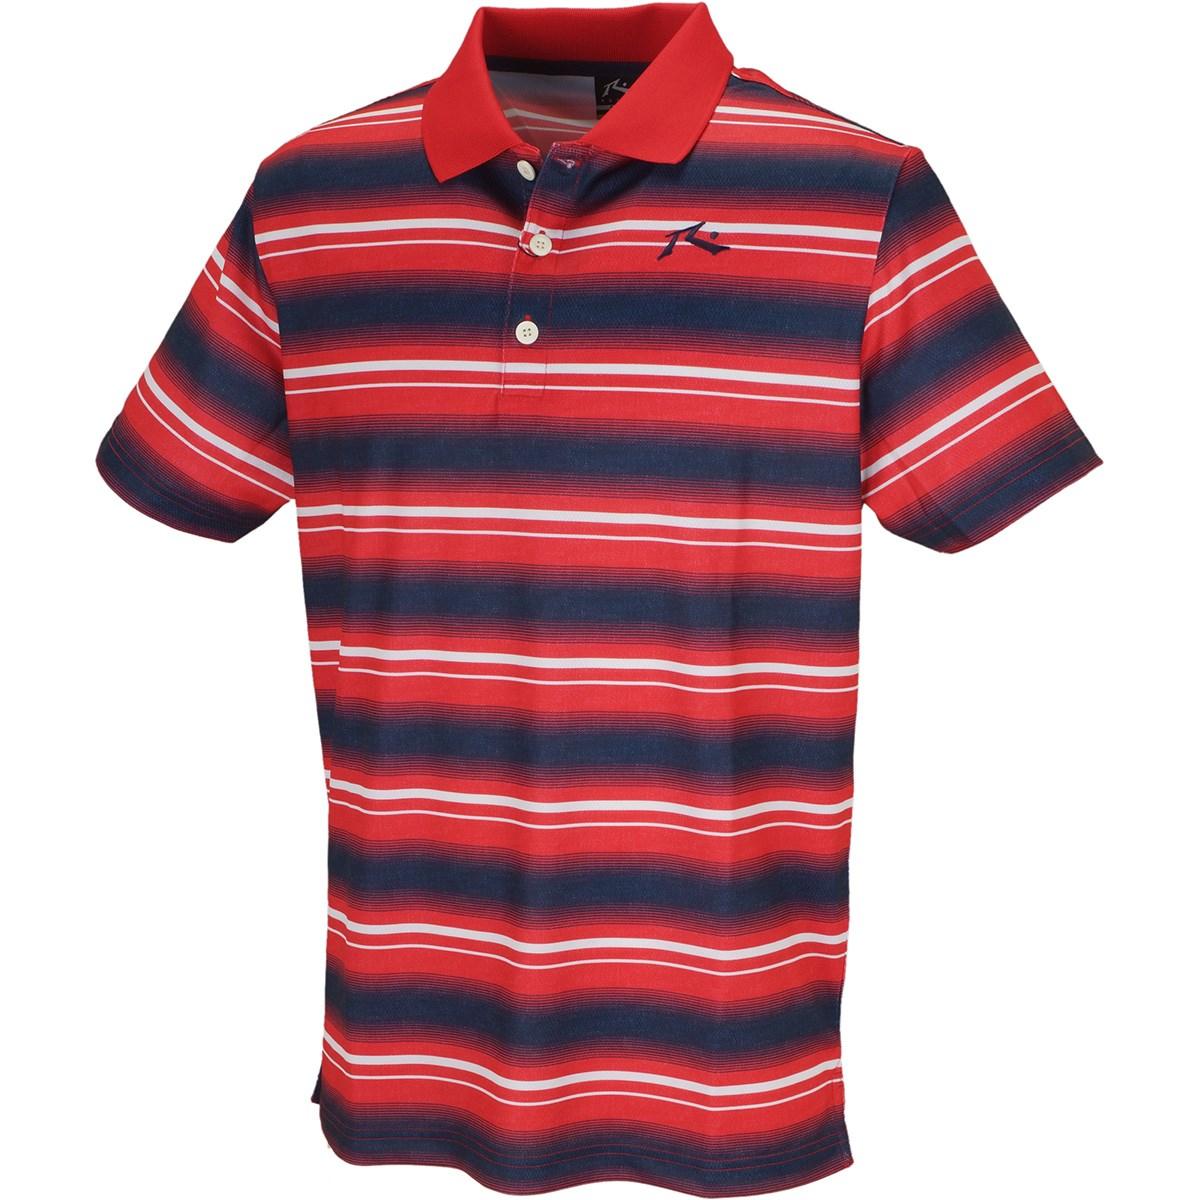 ラスティ RUSTY 半袖ポロシャツ M レッド